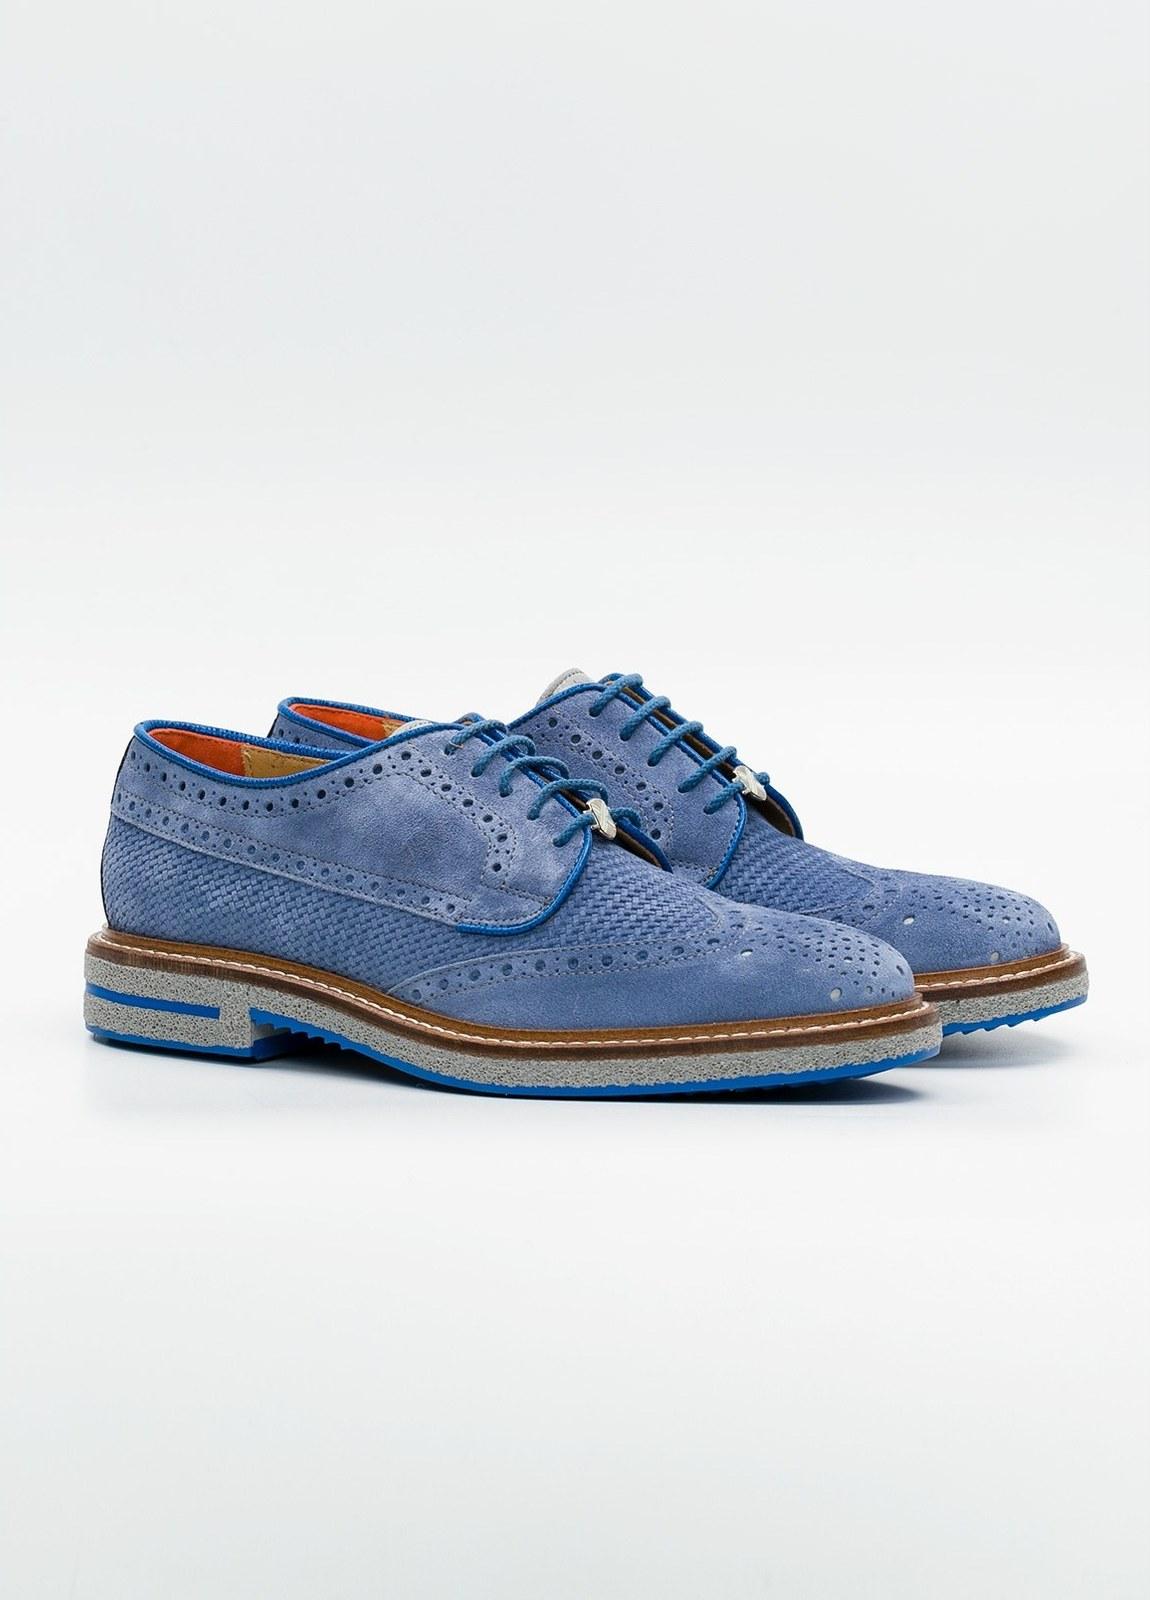 Zapato Formal Wear color azul suela gris, 100% Ante. - Ítem3